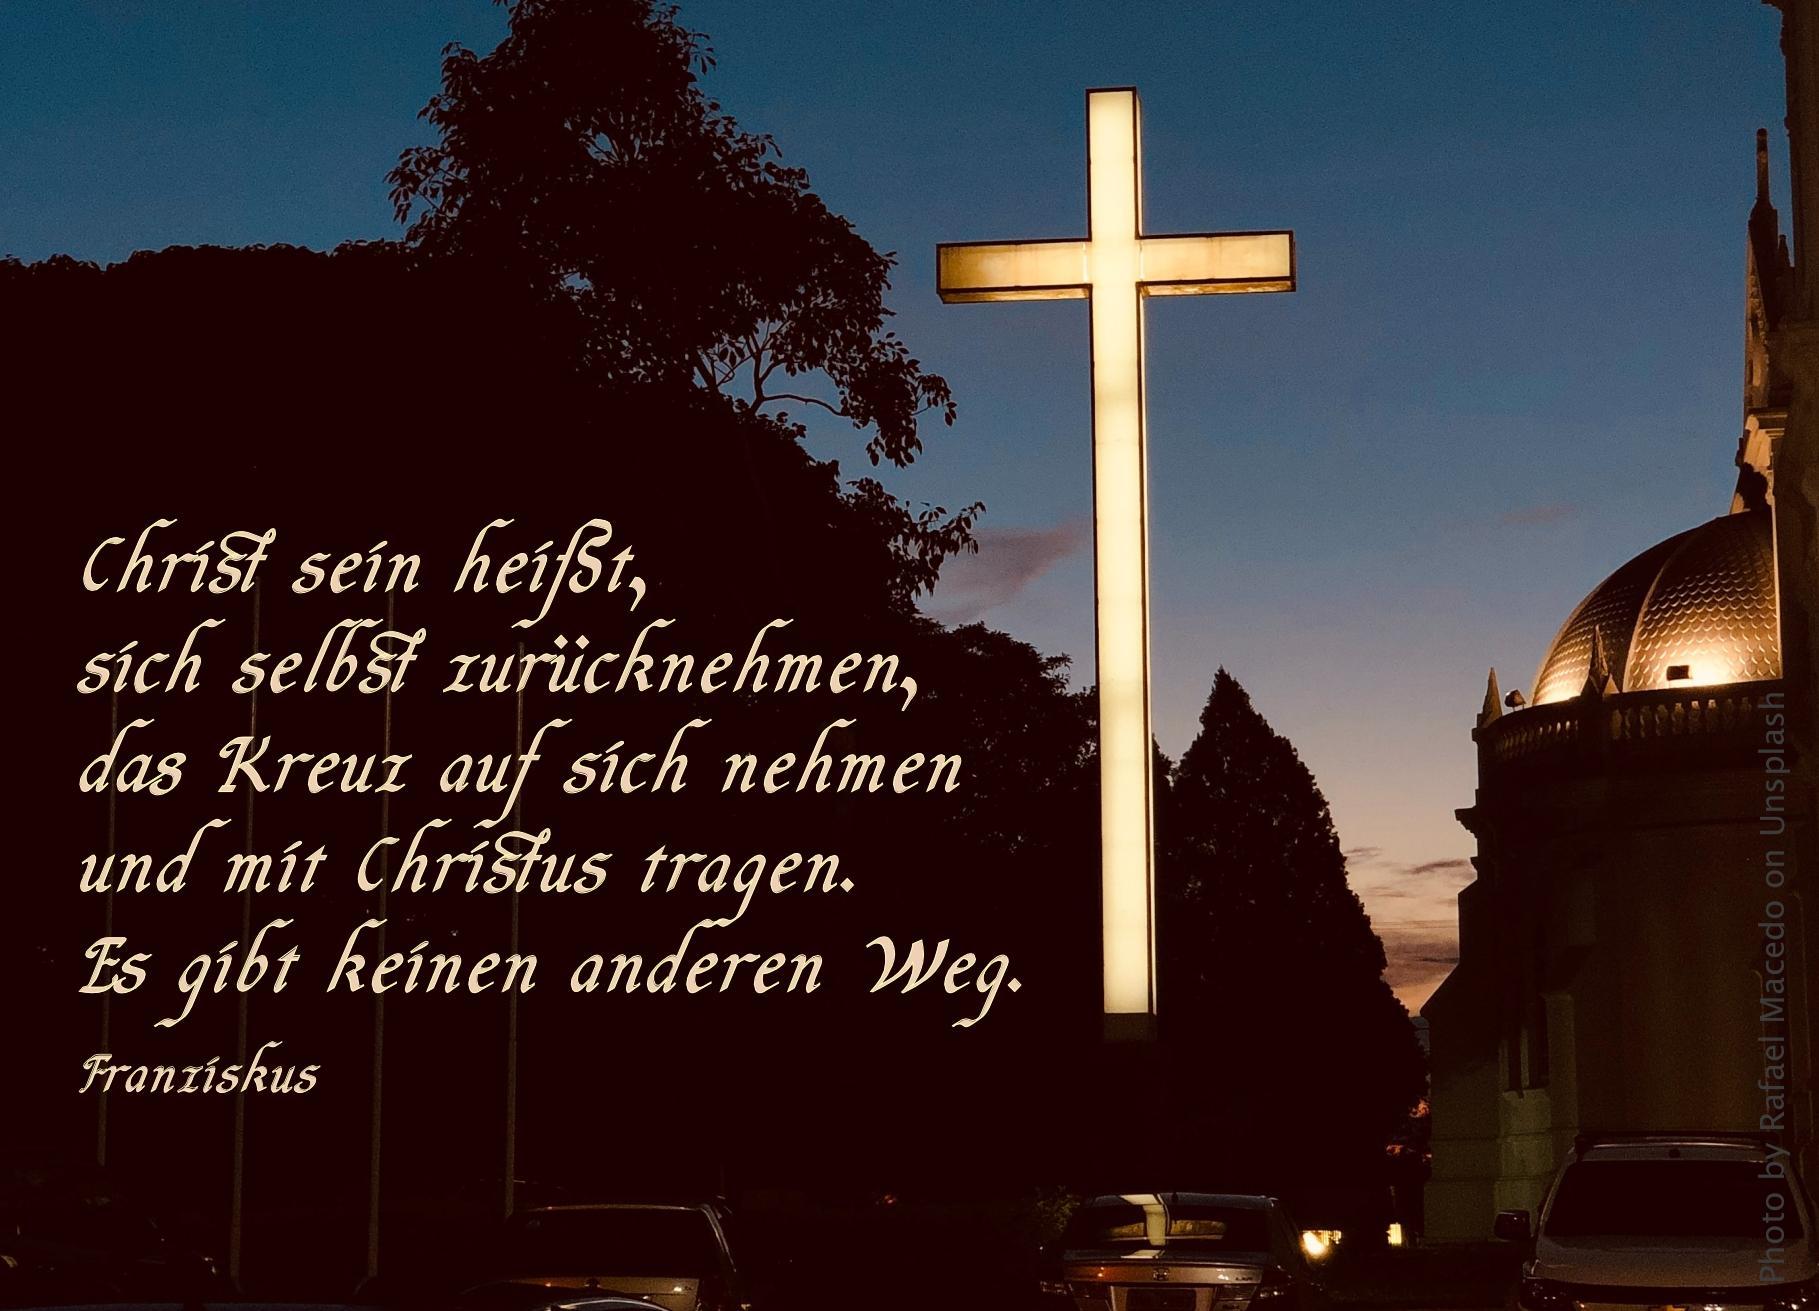 Von innen erleuchtetes Kreuz in dunkler Stadtshilouette